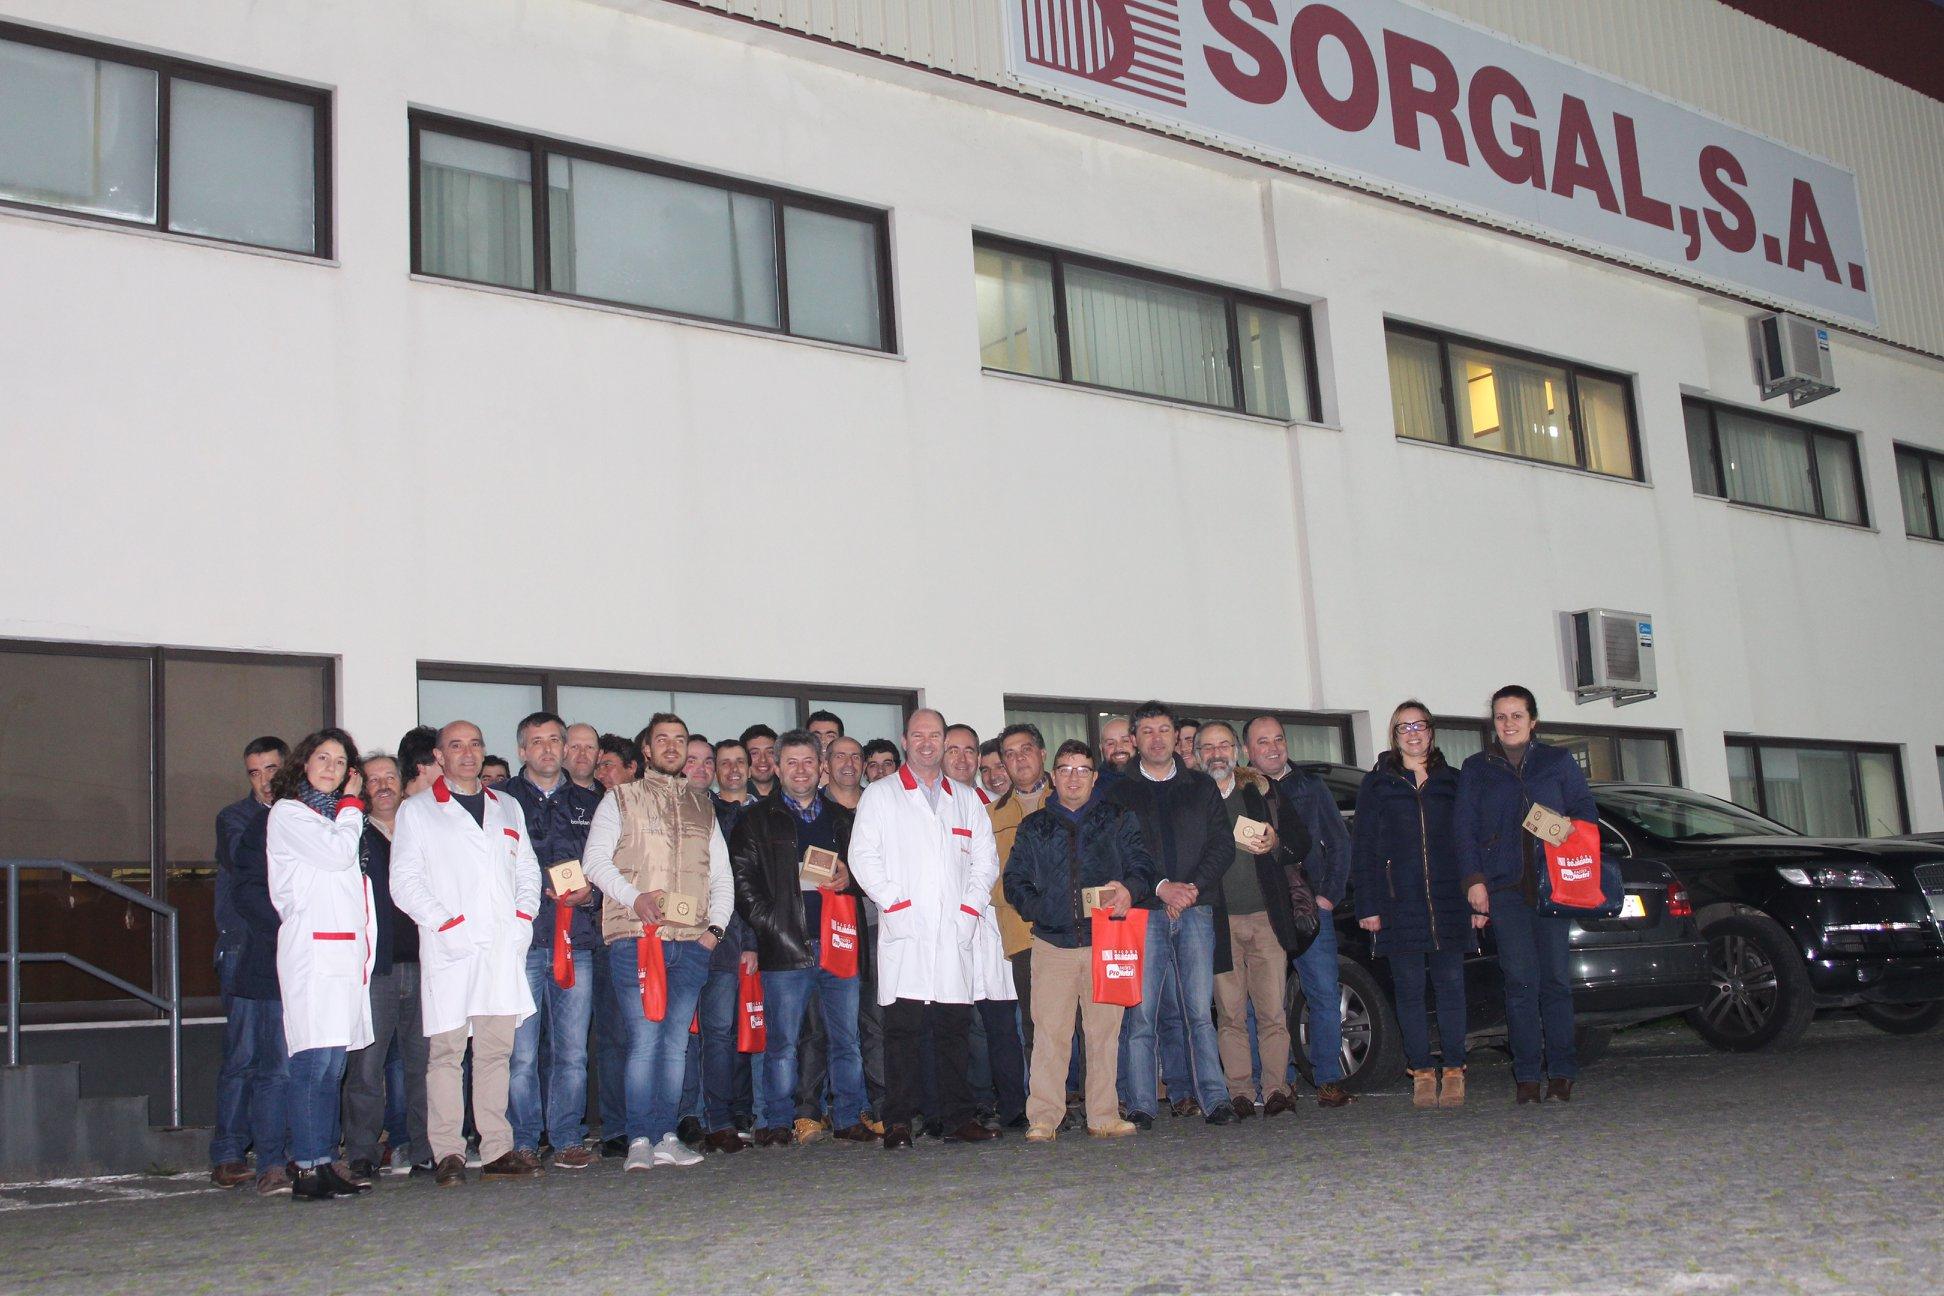 Sorgal recebe visita da APROLEP - Associação dos Produtores de Leite de Portugal